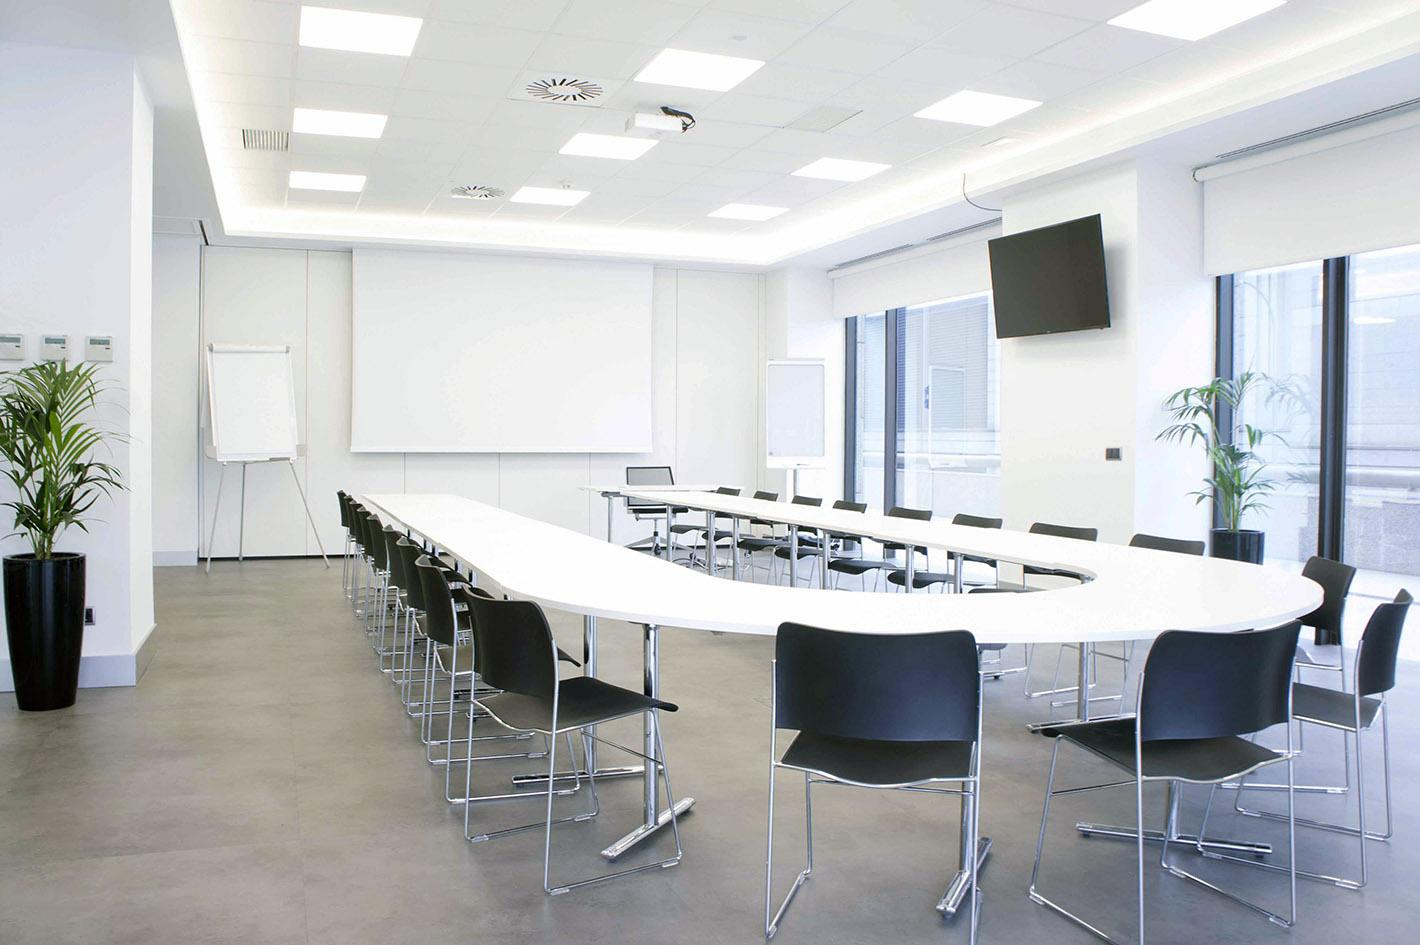 ¿Cómo ha de ser la sala de reuniones para causar una buena impresión?